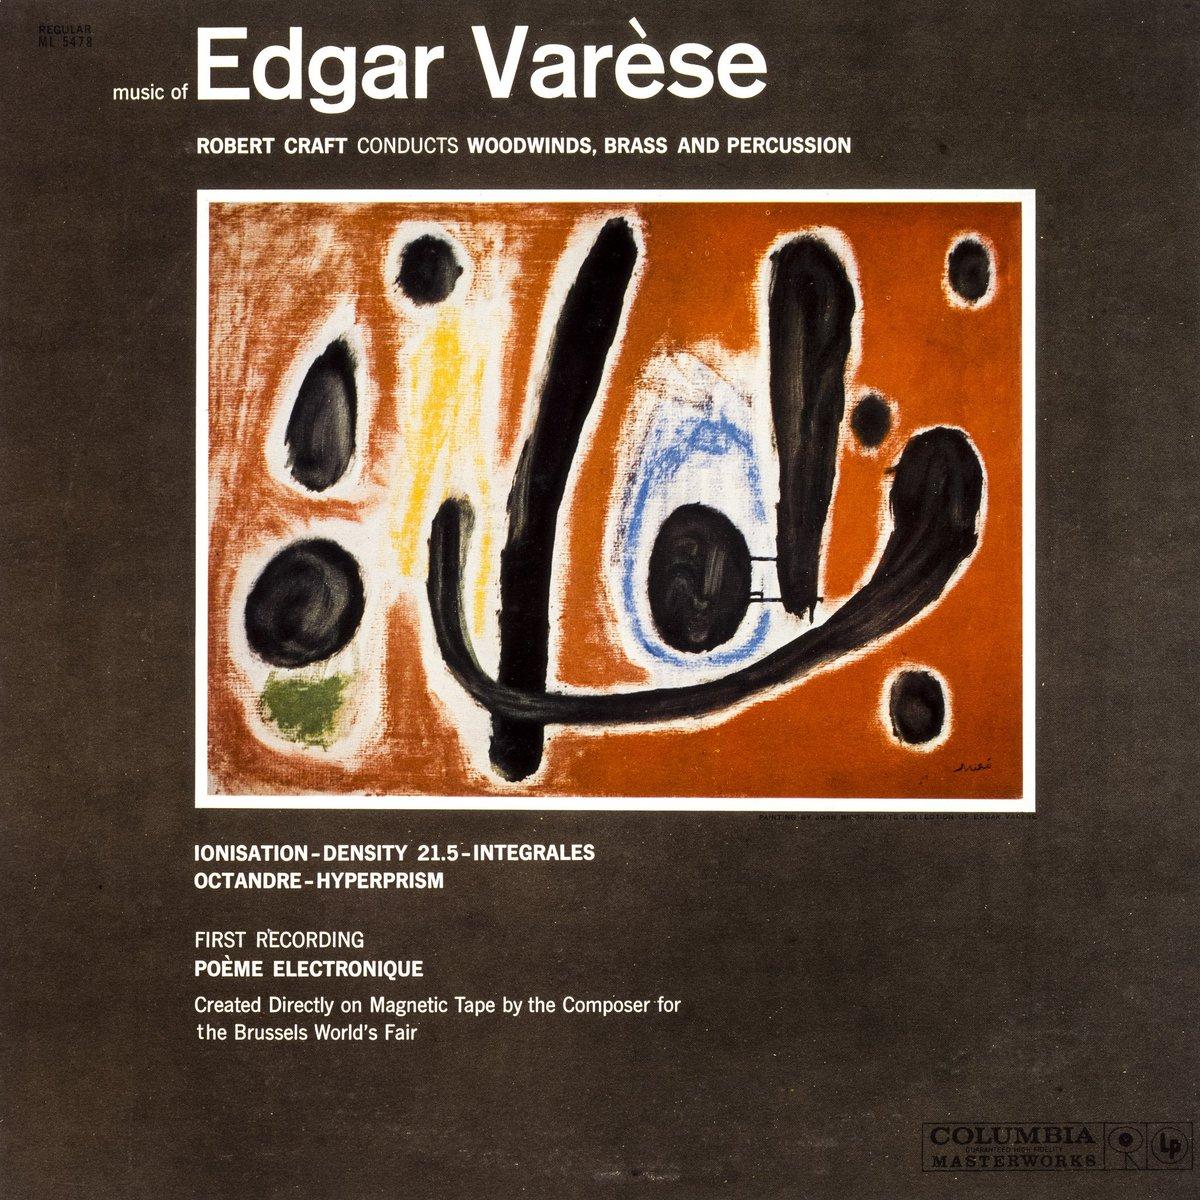 """Joan Punyet Miró: """"Que Joan Miró fes portades de discos per a artistes com Edgar Varèse, ja ens dóna una idea de la importància que donava a la música"""" #MiróMusic #FundacióMiró"""